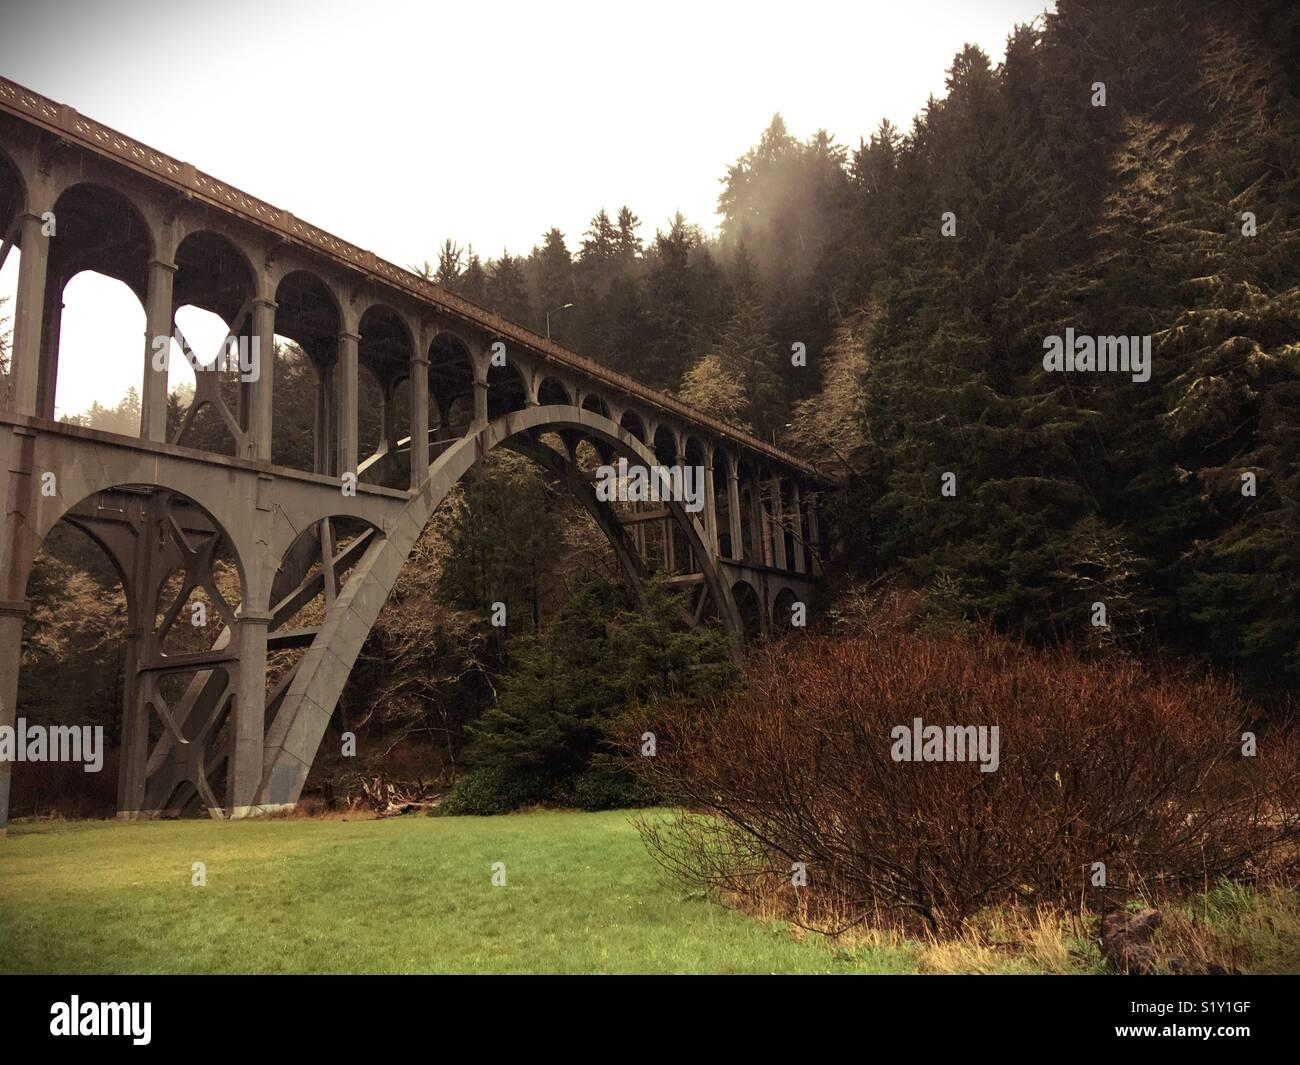 Kap Creek Bridge in Florenz, Oregon, USA. Stockbild